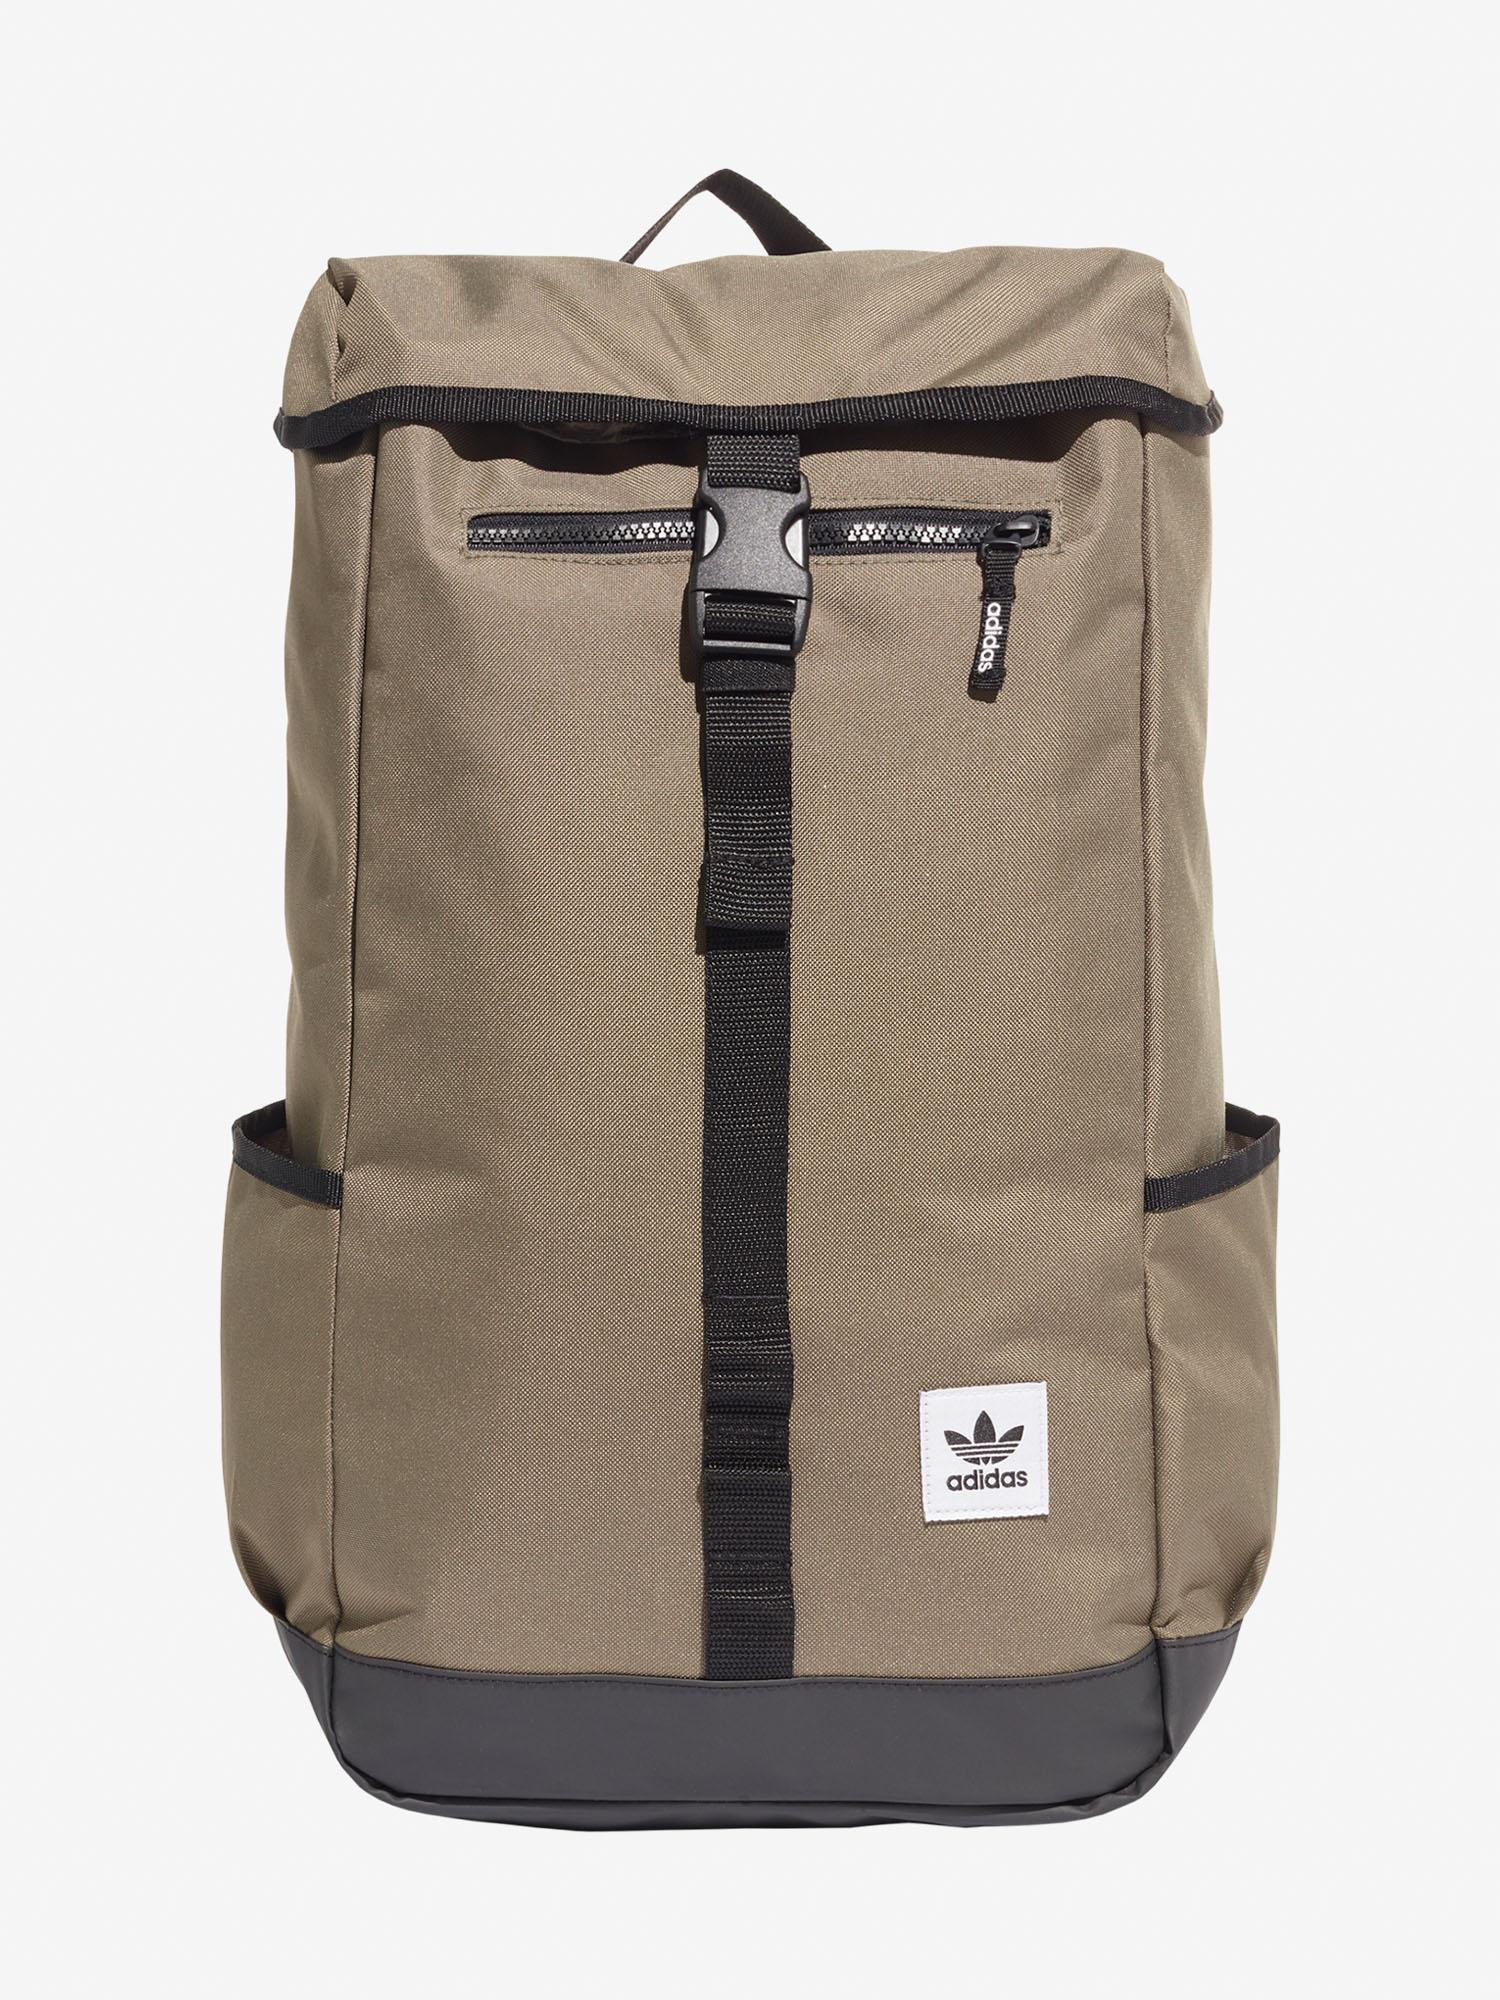 Adidas Originals Pe Toploader Bp Backpack